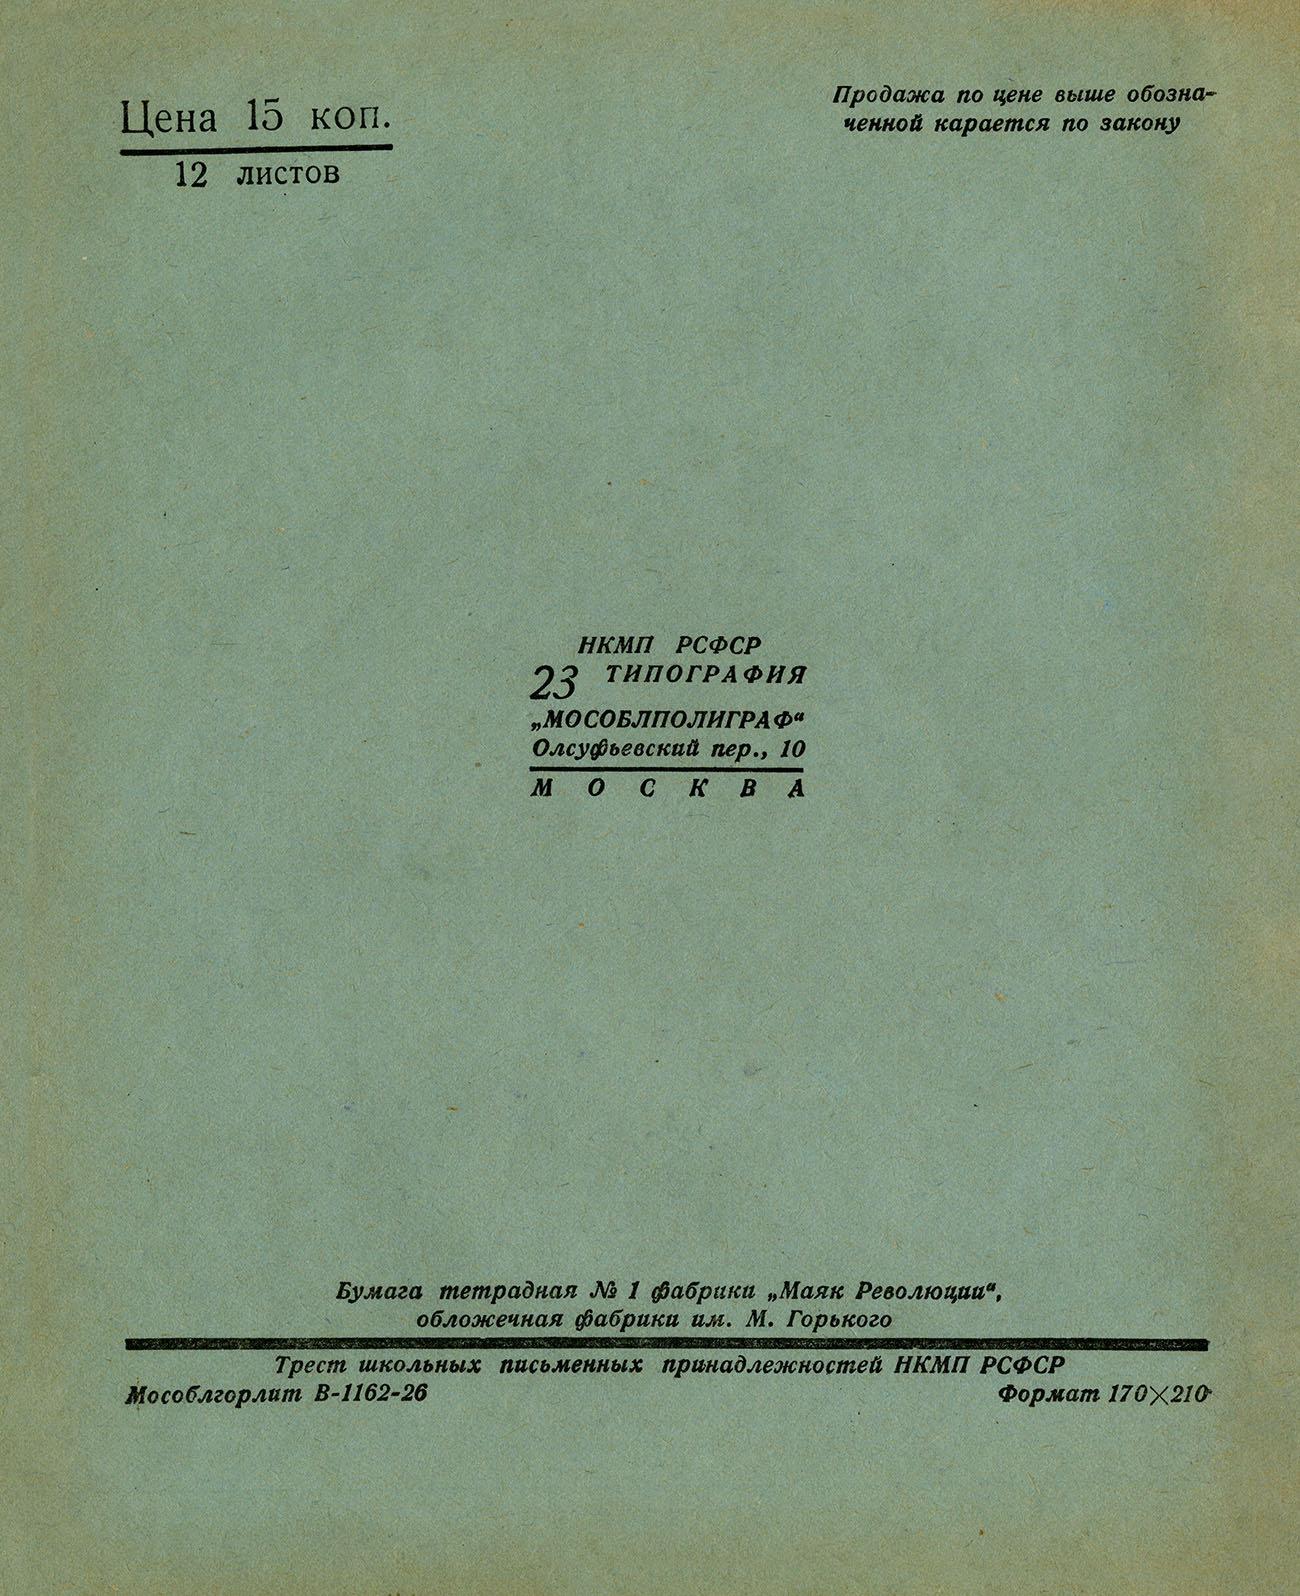 """Тетрадь """"Гоголь"""", 1926, оборот"""